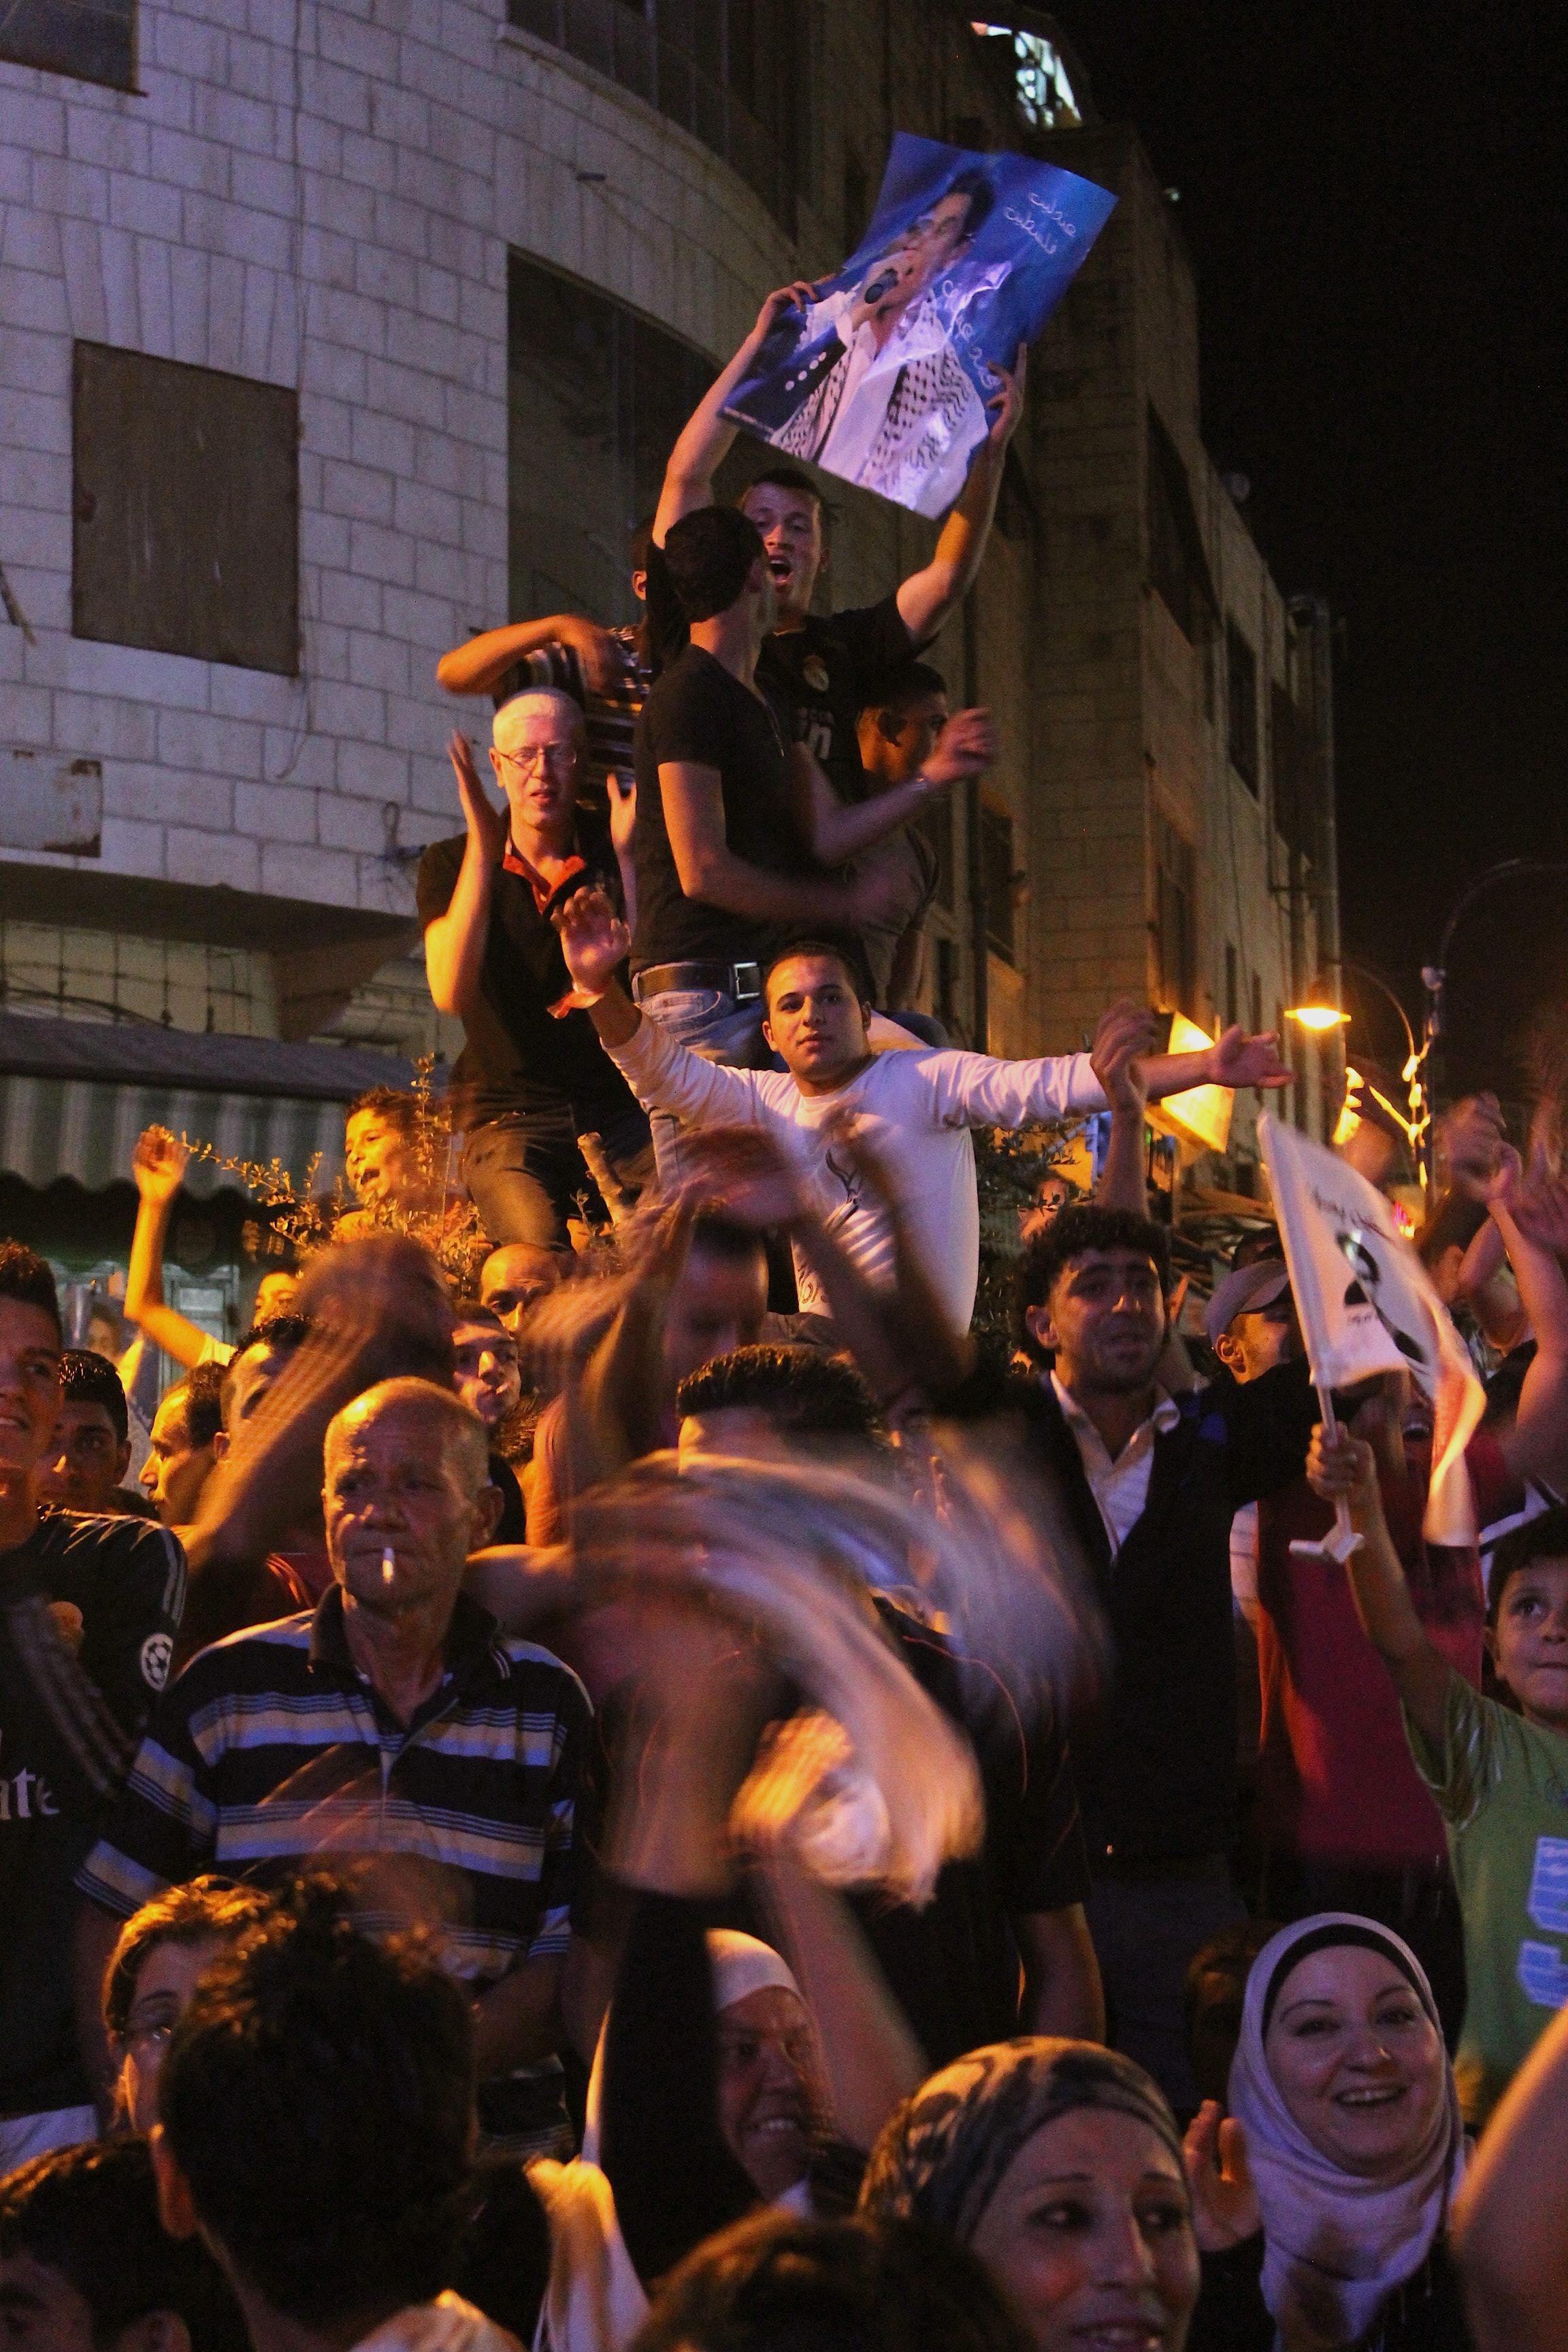 Des centaines de Palestiniens rassemblés dans le centre-ville de Ramallah pour suivre en direct l'annonce des résultats de la finale d'Arab Idol le 22 juin 2013 www.merblanche.com all rights reserved